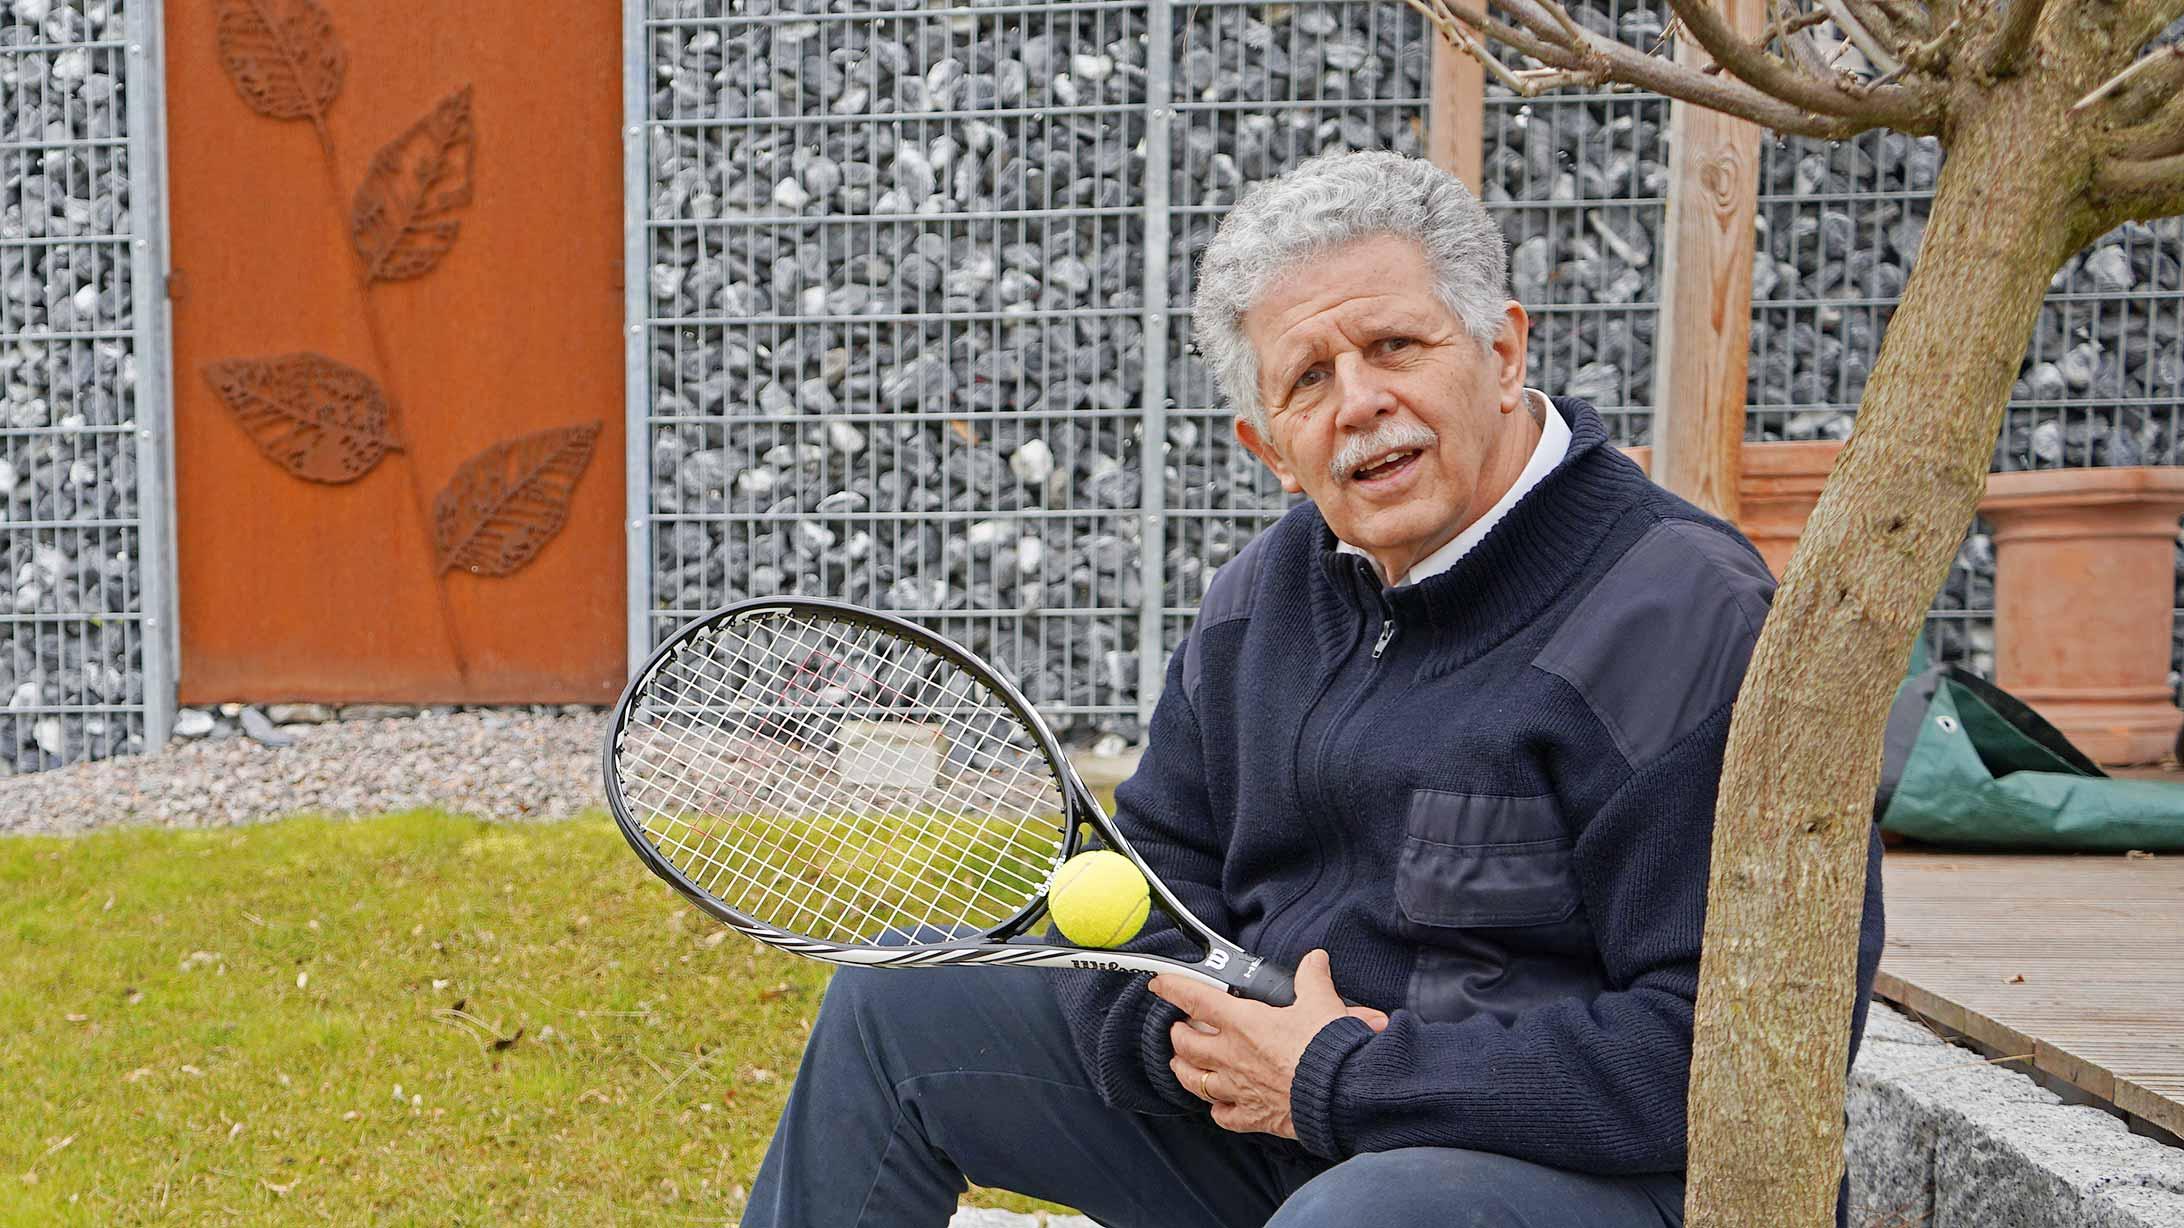 René Eggenberger mit einem Tennisschläger in seinem Garten